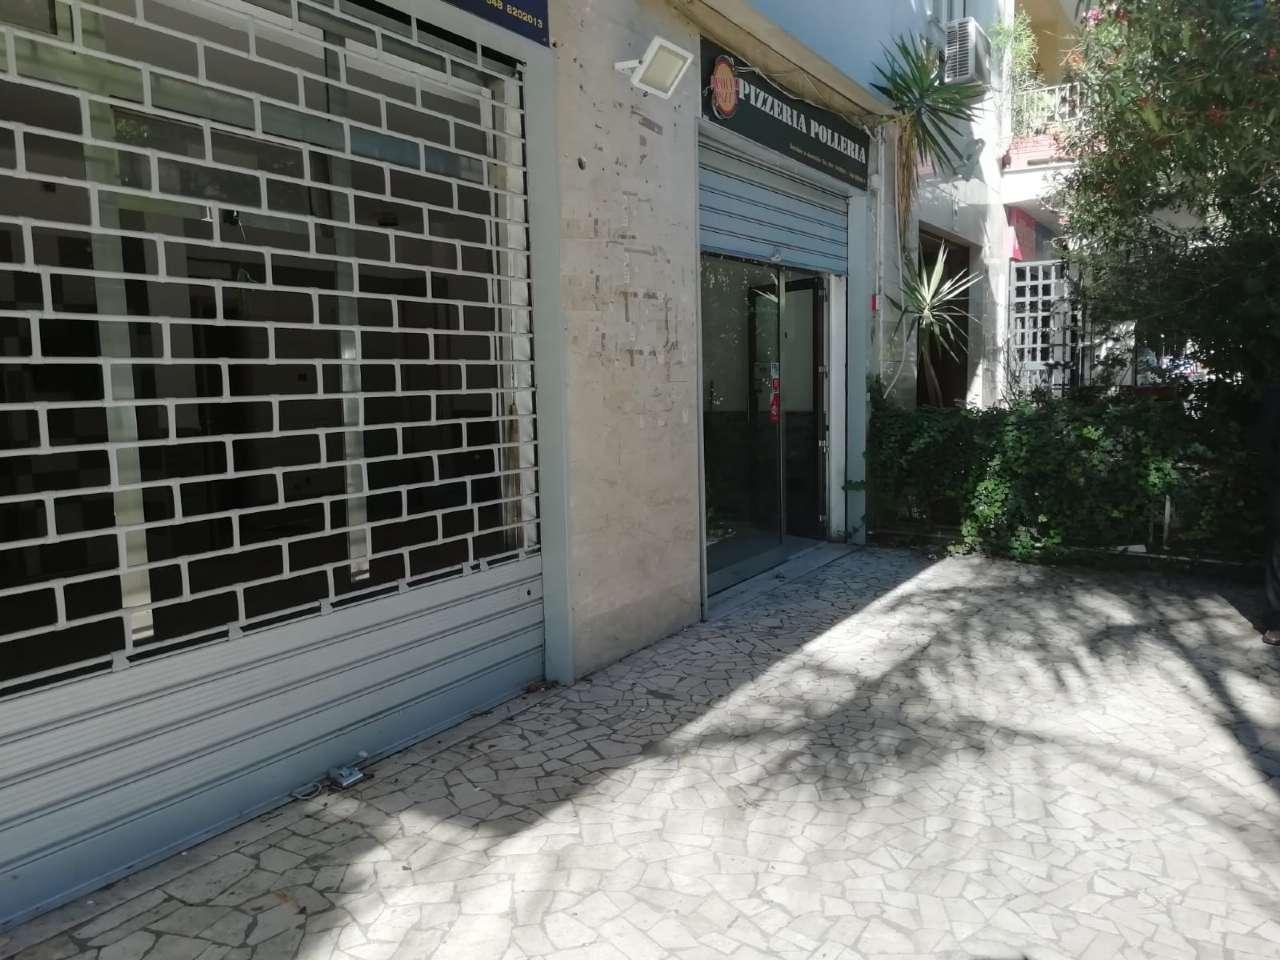 Negozio-locale in Affitto a Palermo Centro: 1 locali, 40 mq